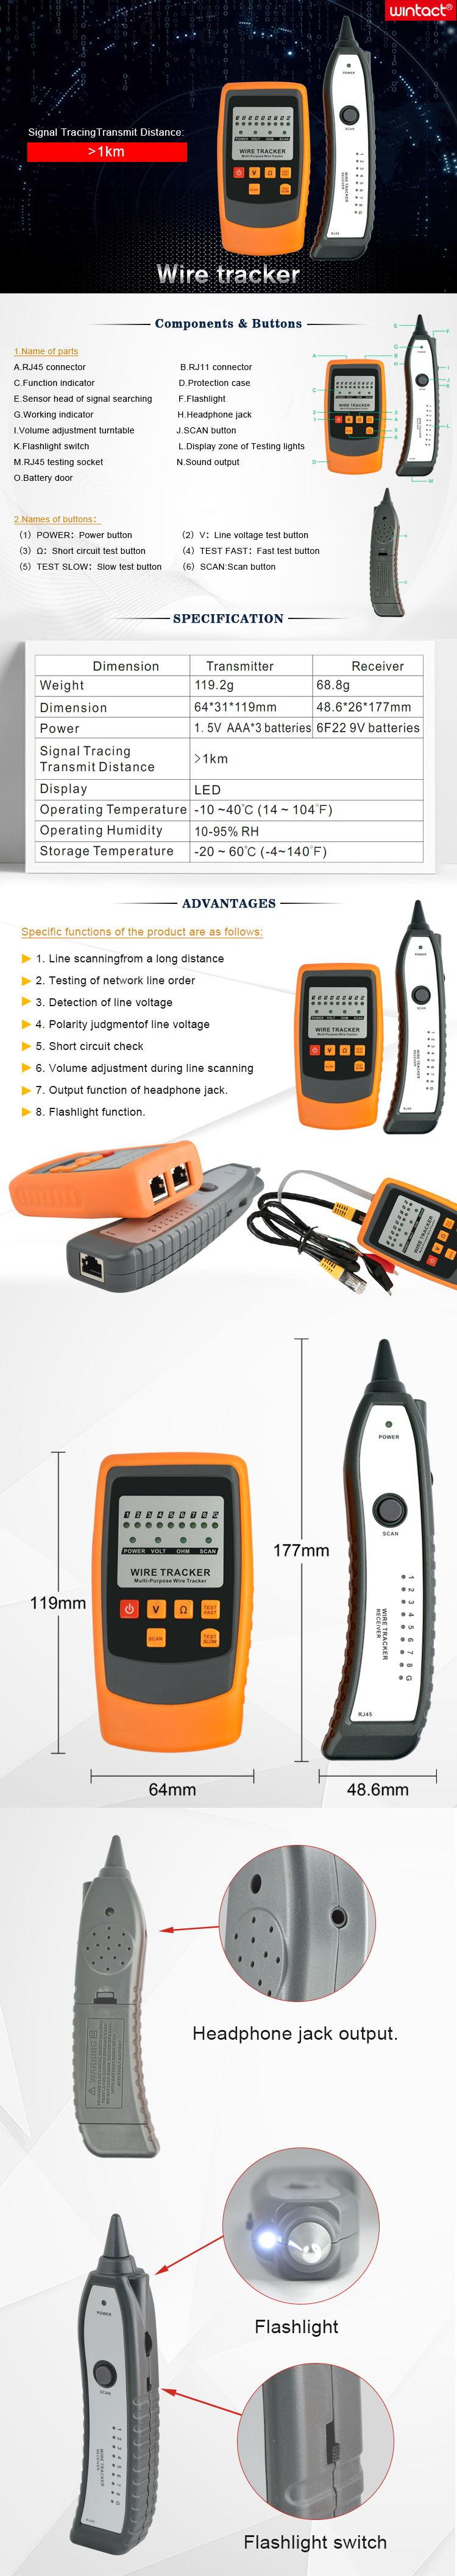 Проводной трекер и анти-помехи более 1 км отслеживание сигнала расстояние передачи Tone Tracer кабельный тестер